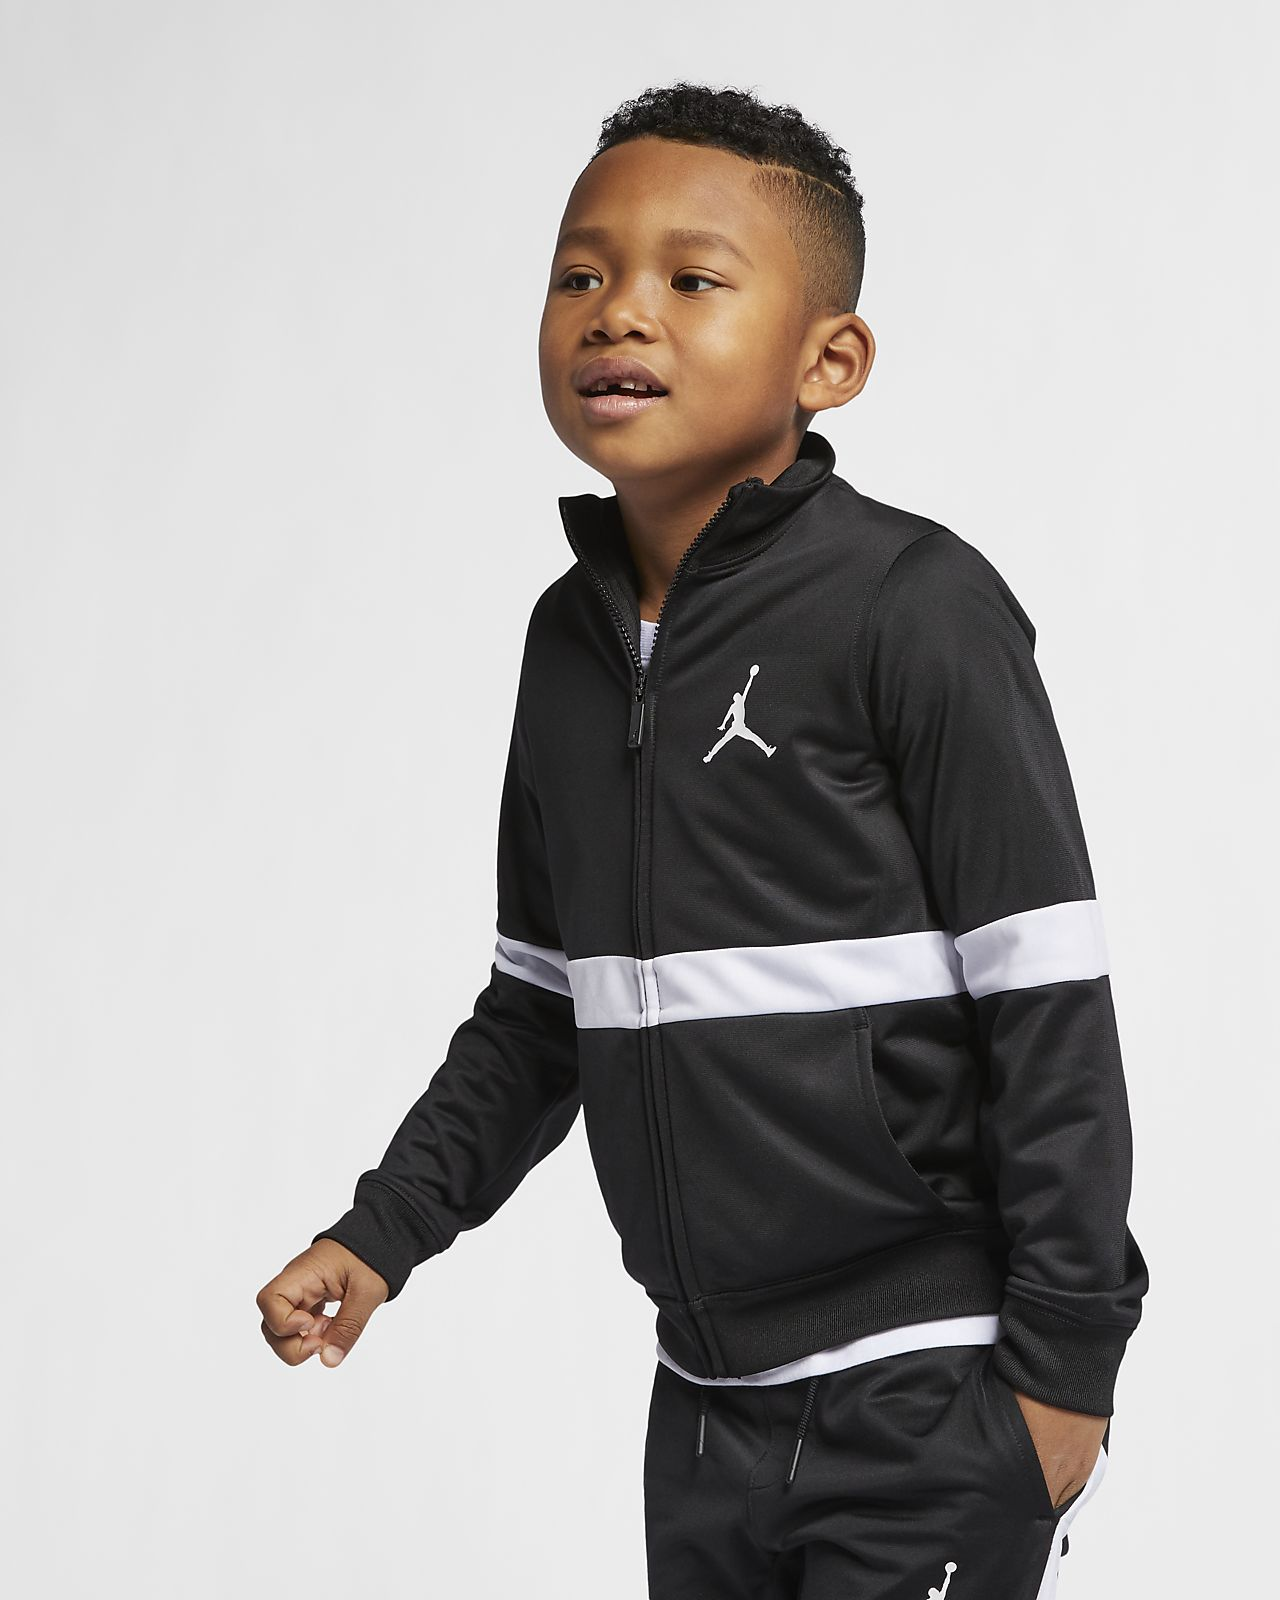 7ebe7810bee44 Con Sportswear Completa Chaqueta Cremallera Niñoa Diamond Jordan Otq7waAq